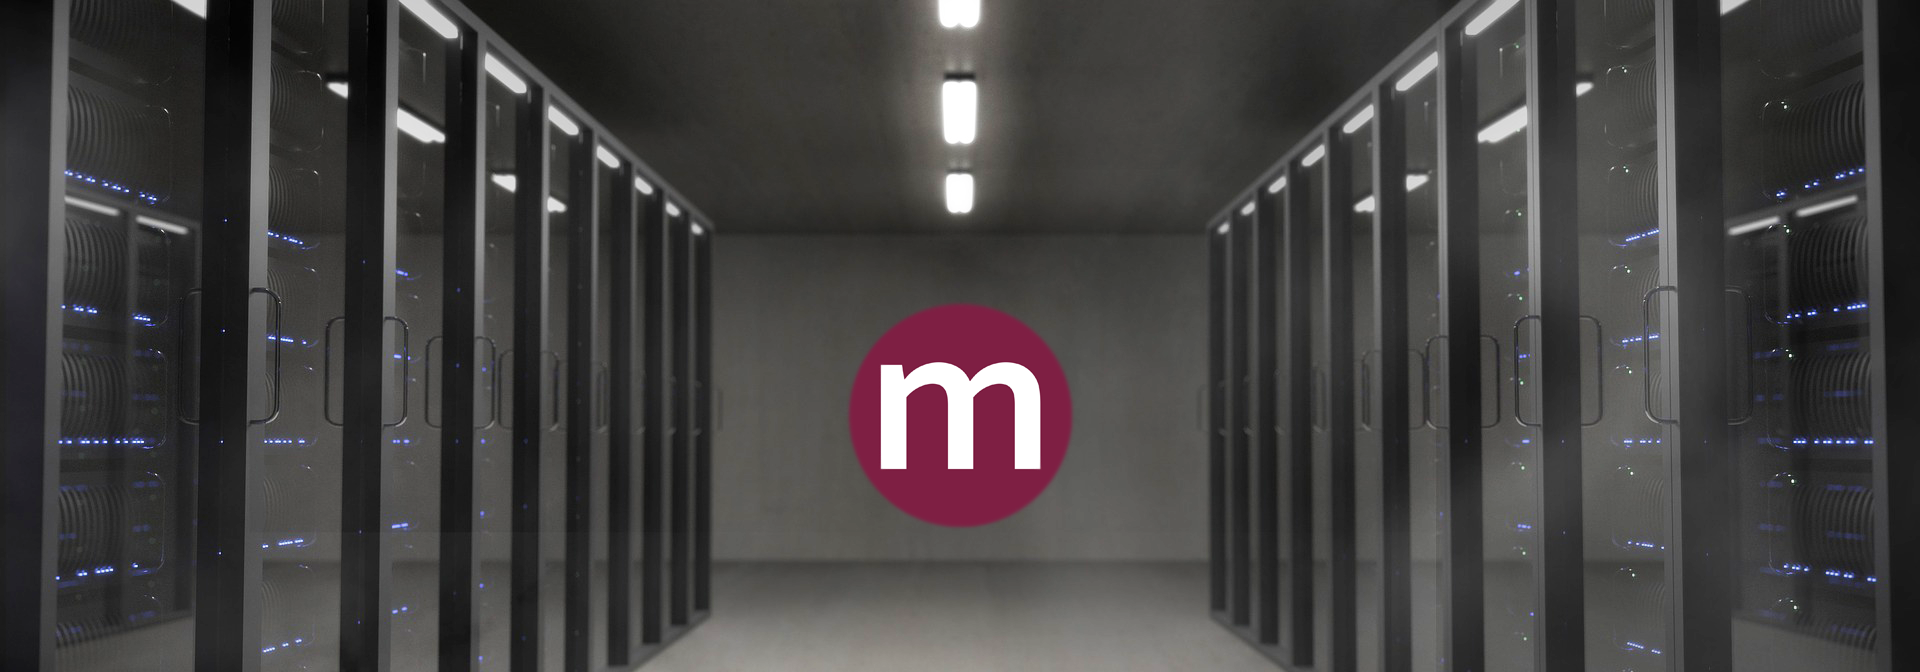 Serverrum Minuba